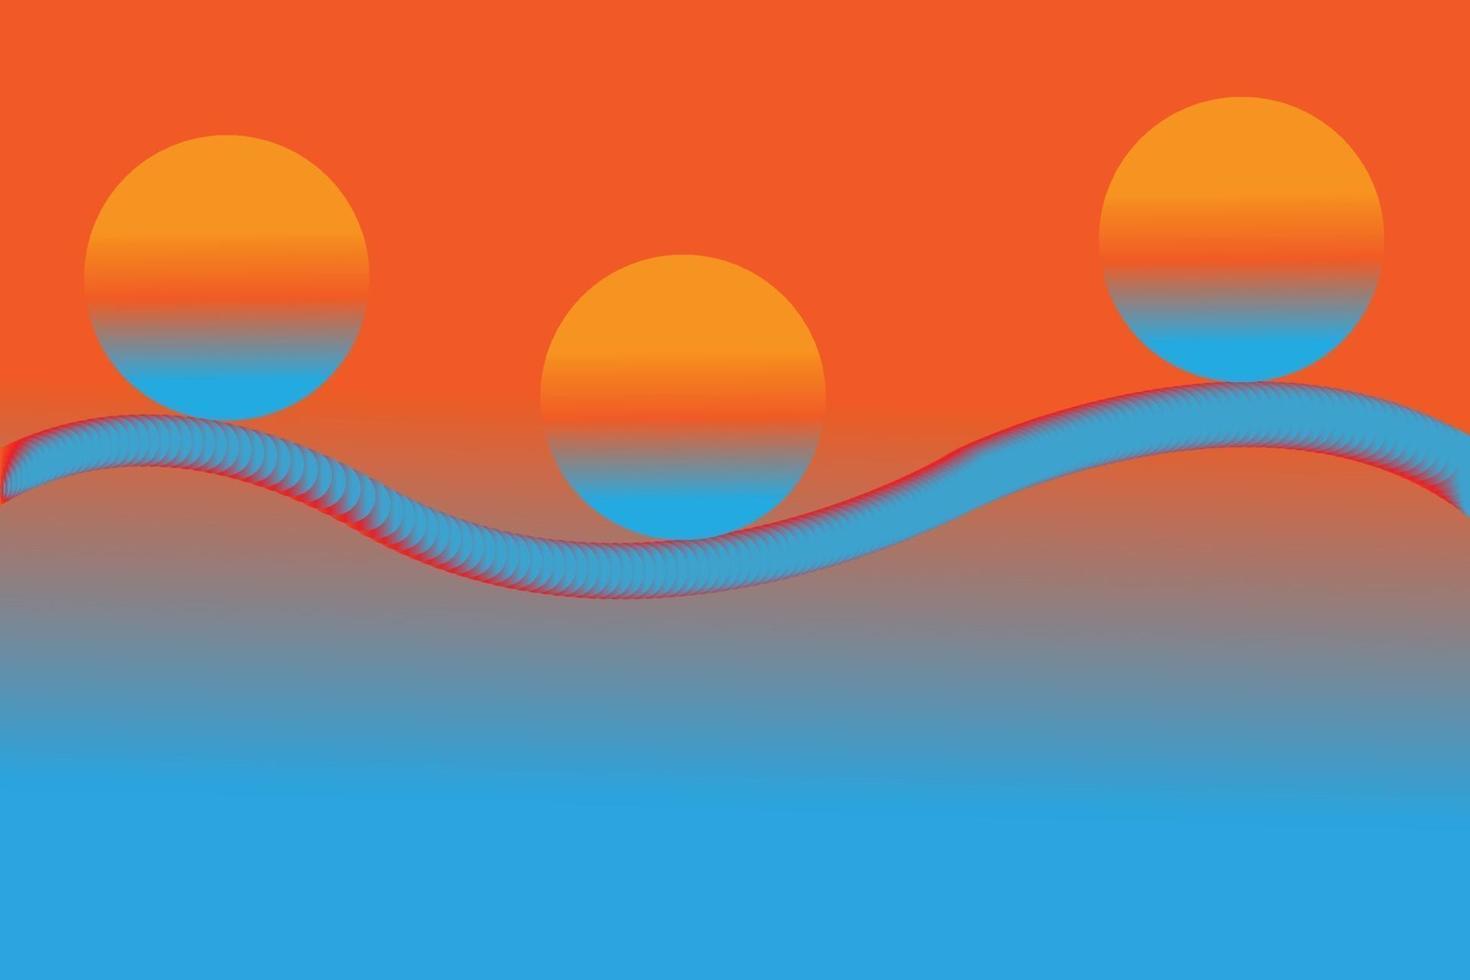 3d astratto miscela sfondo arancione e blu vettore